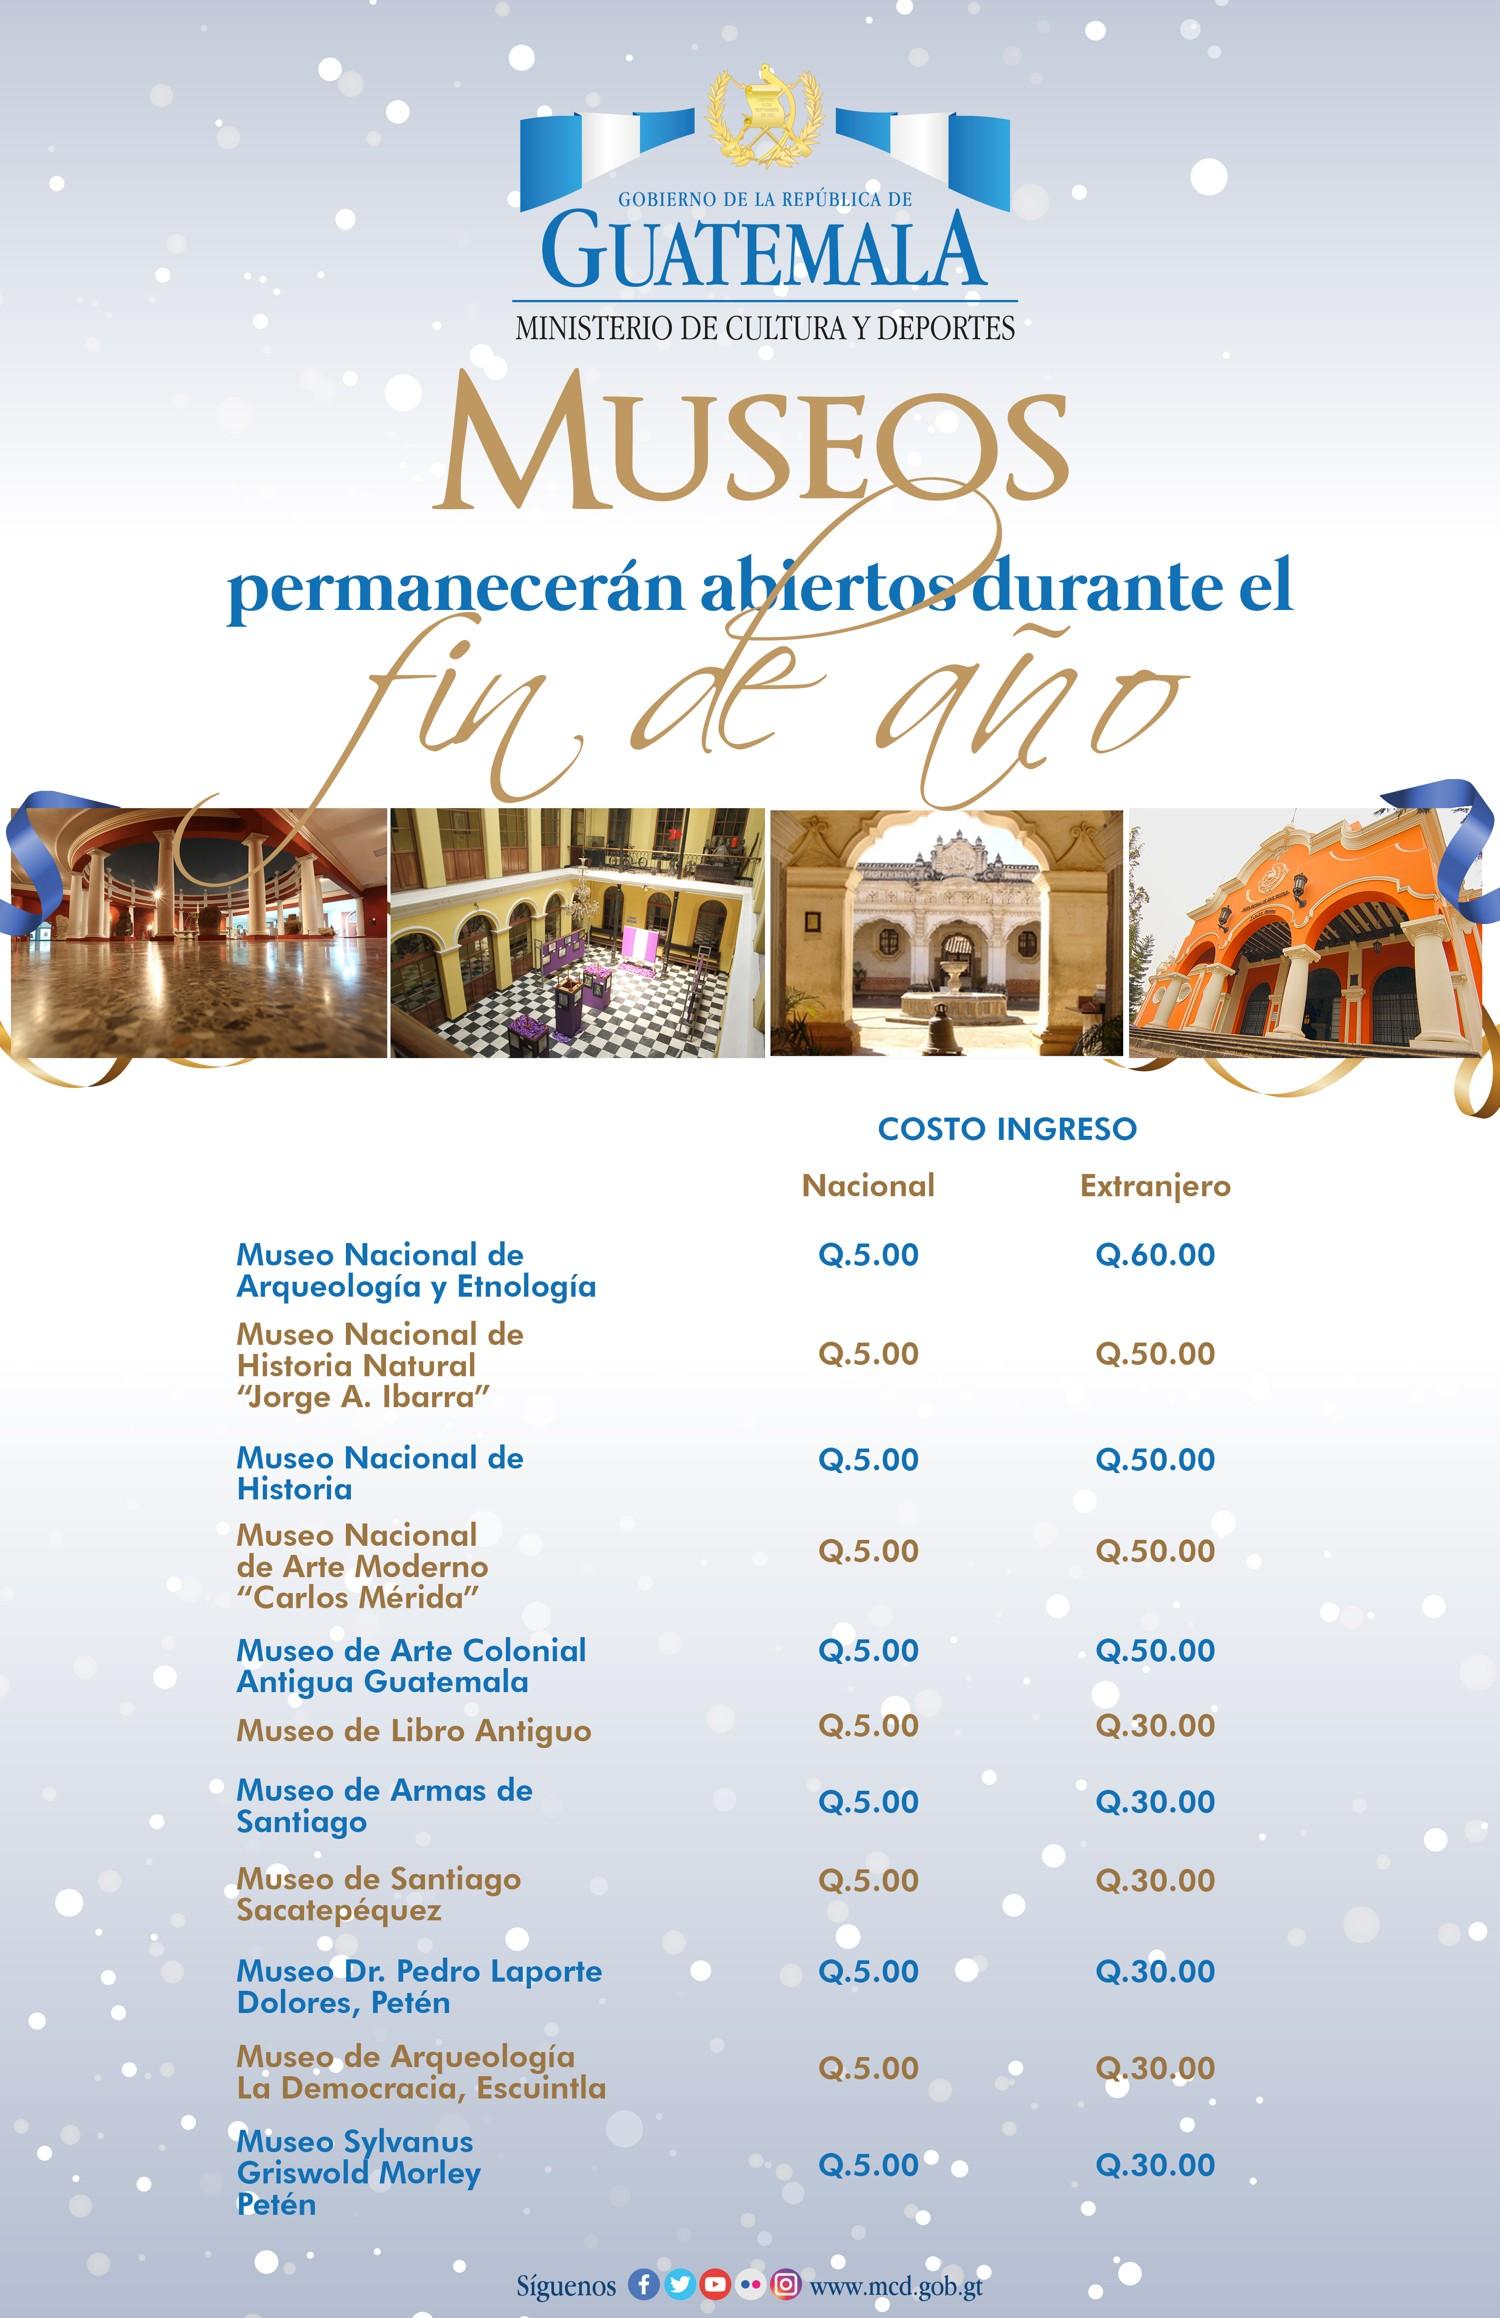 MUSEOS FIN DE AÑO